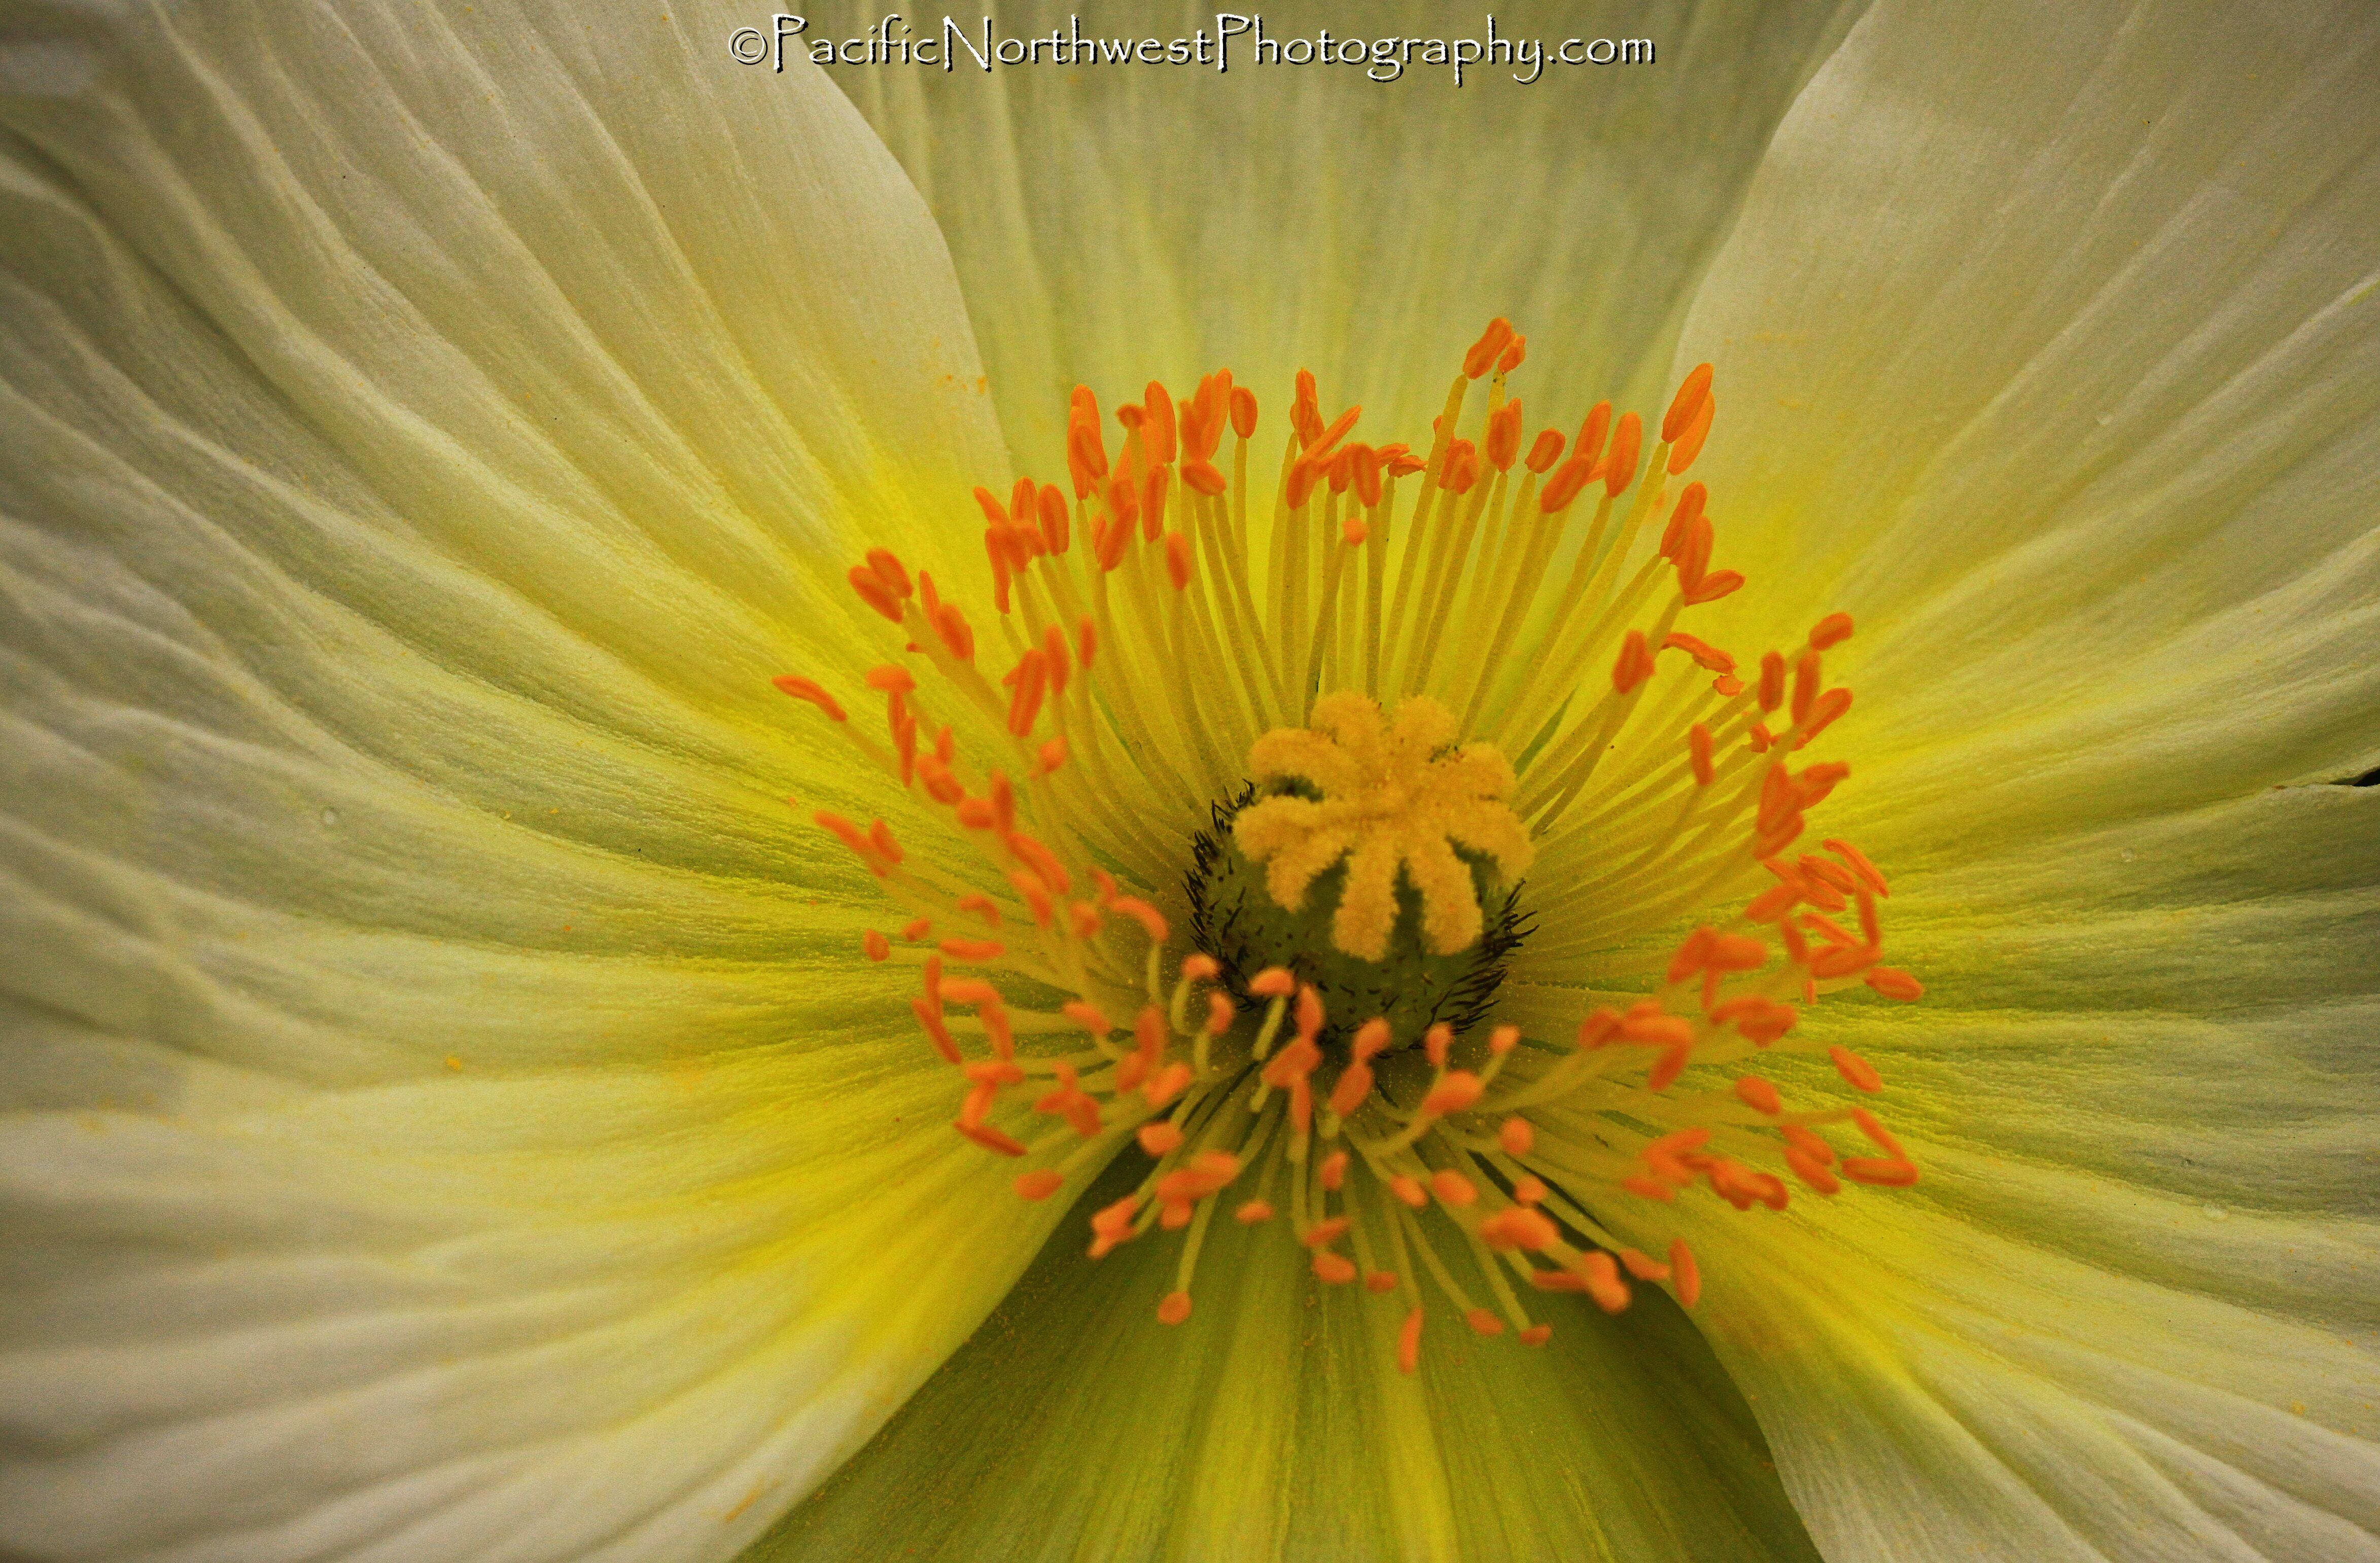 Rare white and yellow